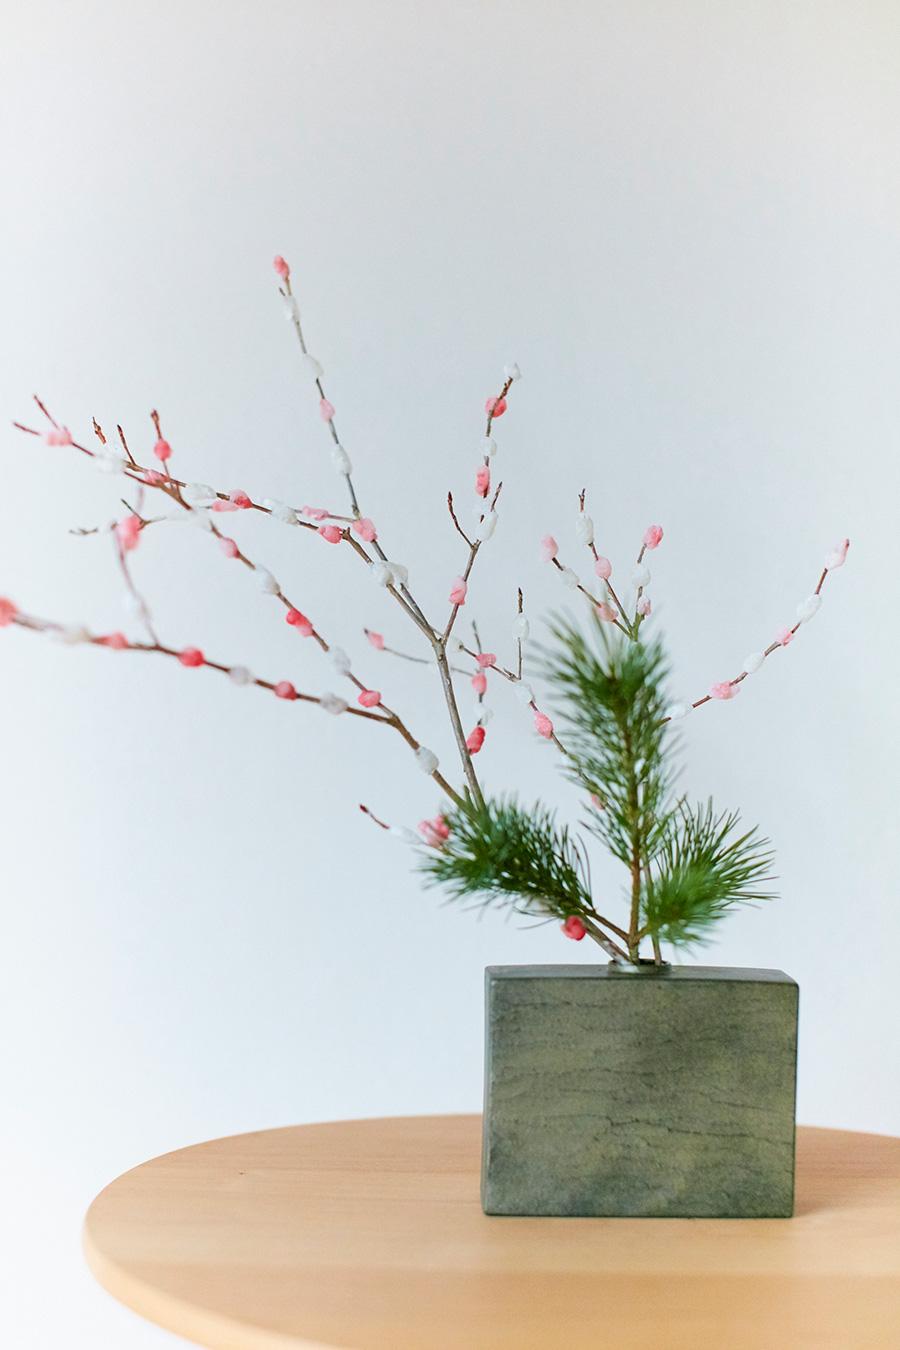 餅花と、ヒメゴヨウマツを活ける。「松は神様をお迎えする樹です。小型のヒメゴヨウマツは小さく生ける時に使いやすい種類です」